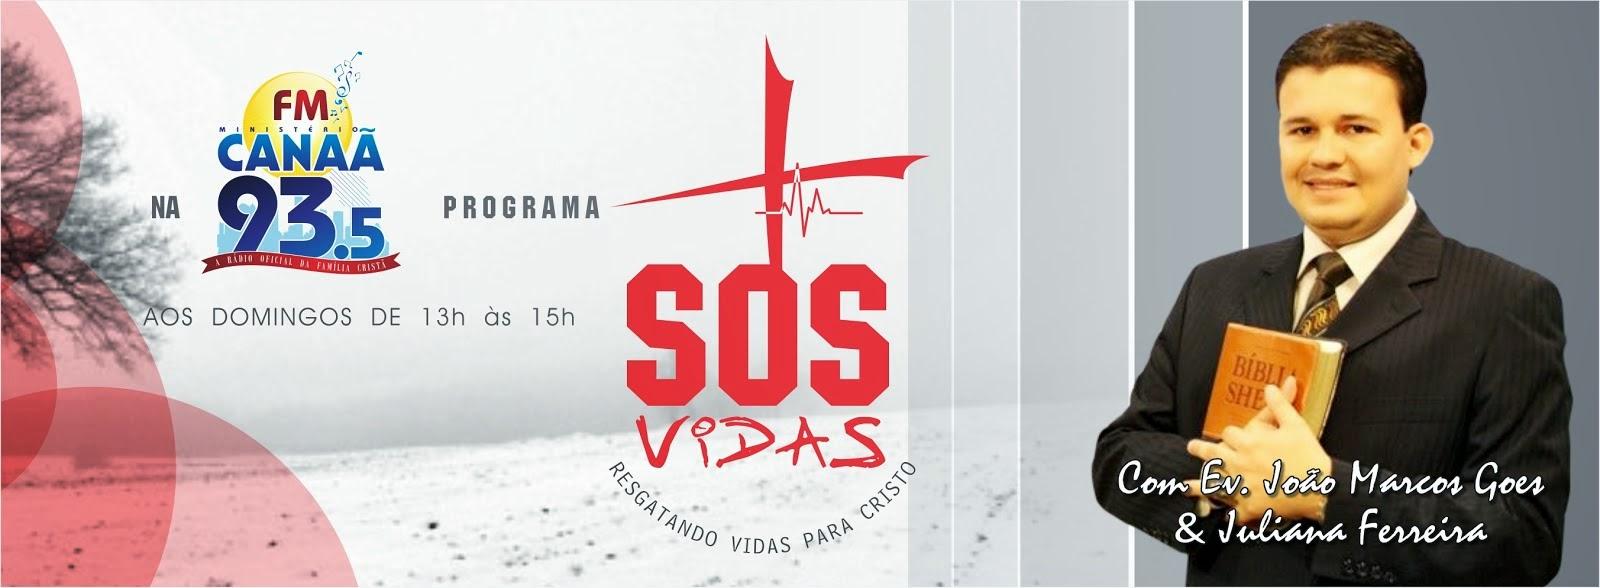 ACOMPANHE O PROGRAMA SOS VIDAS COM O PR.JOÃO MARCOS GOES E JULIANA FERREIRA AO VIVO!!